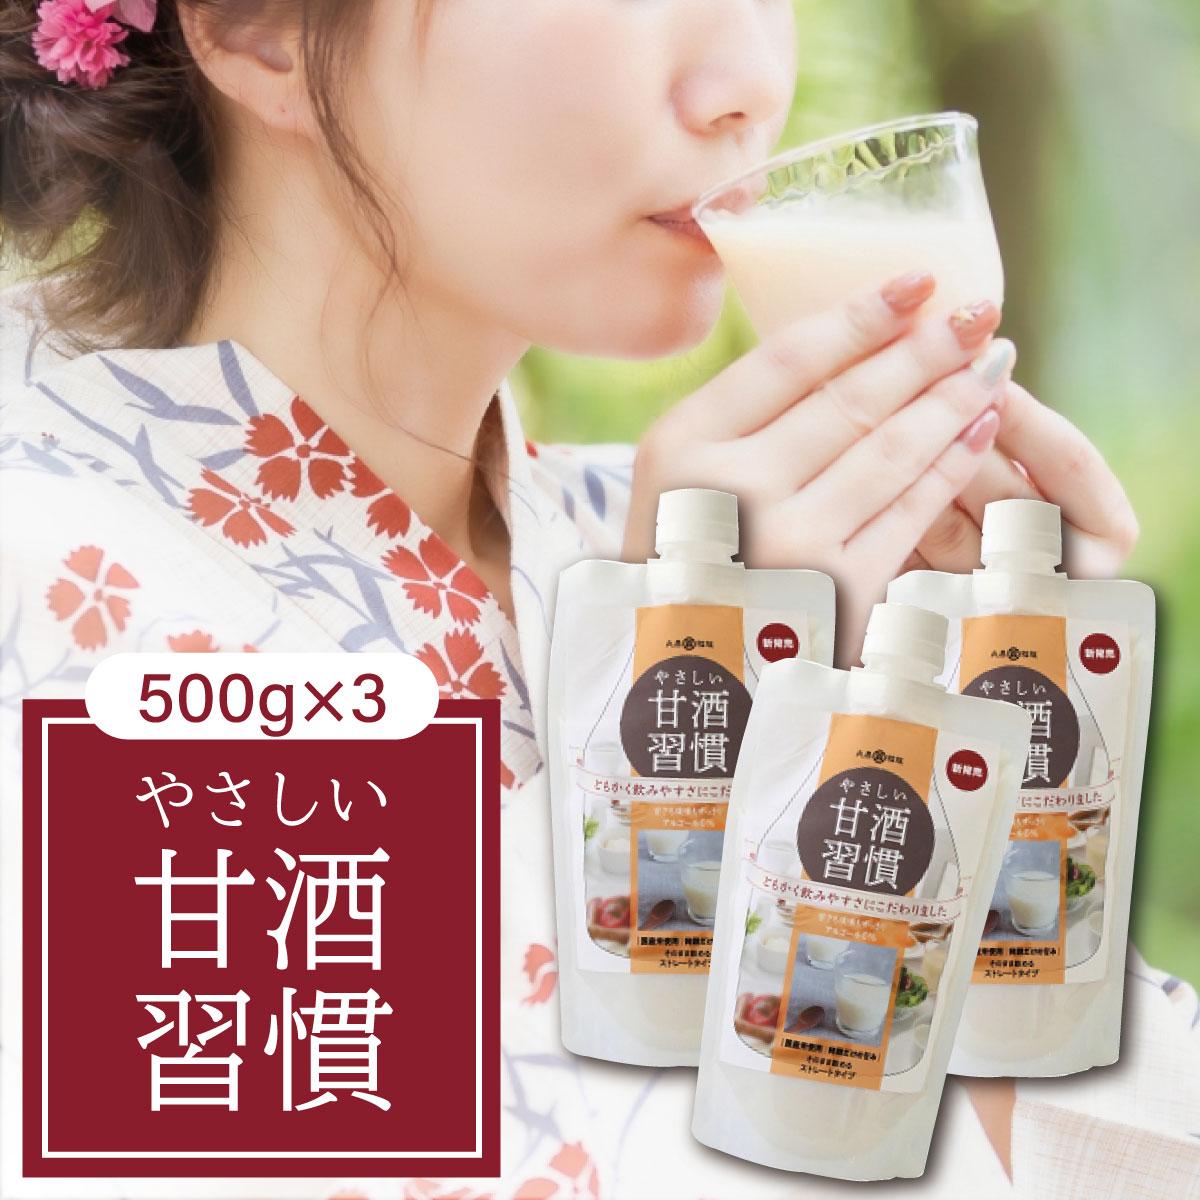 優しい甘酒習慣 500g×3袋セット